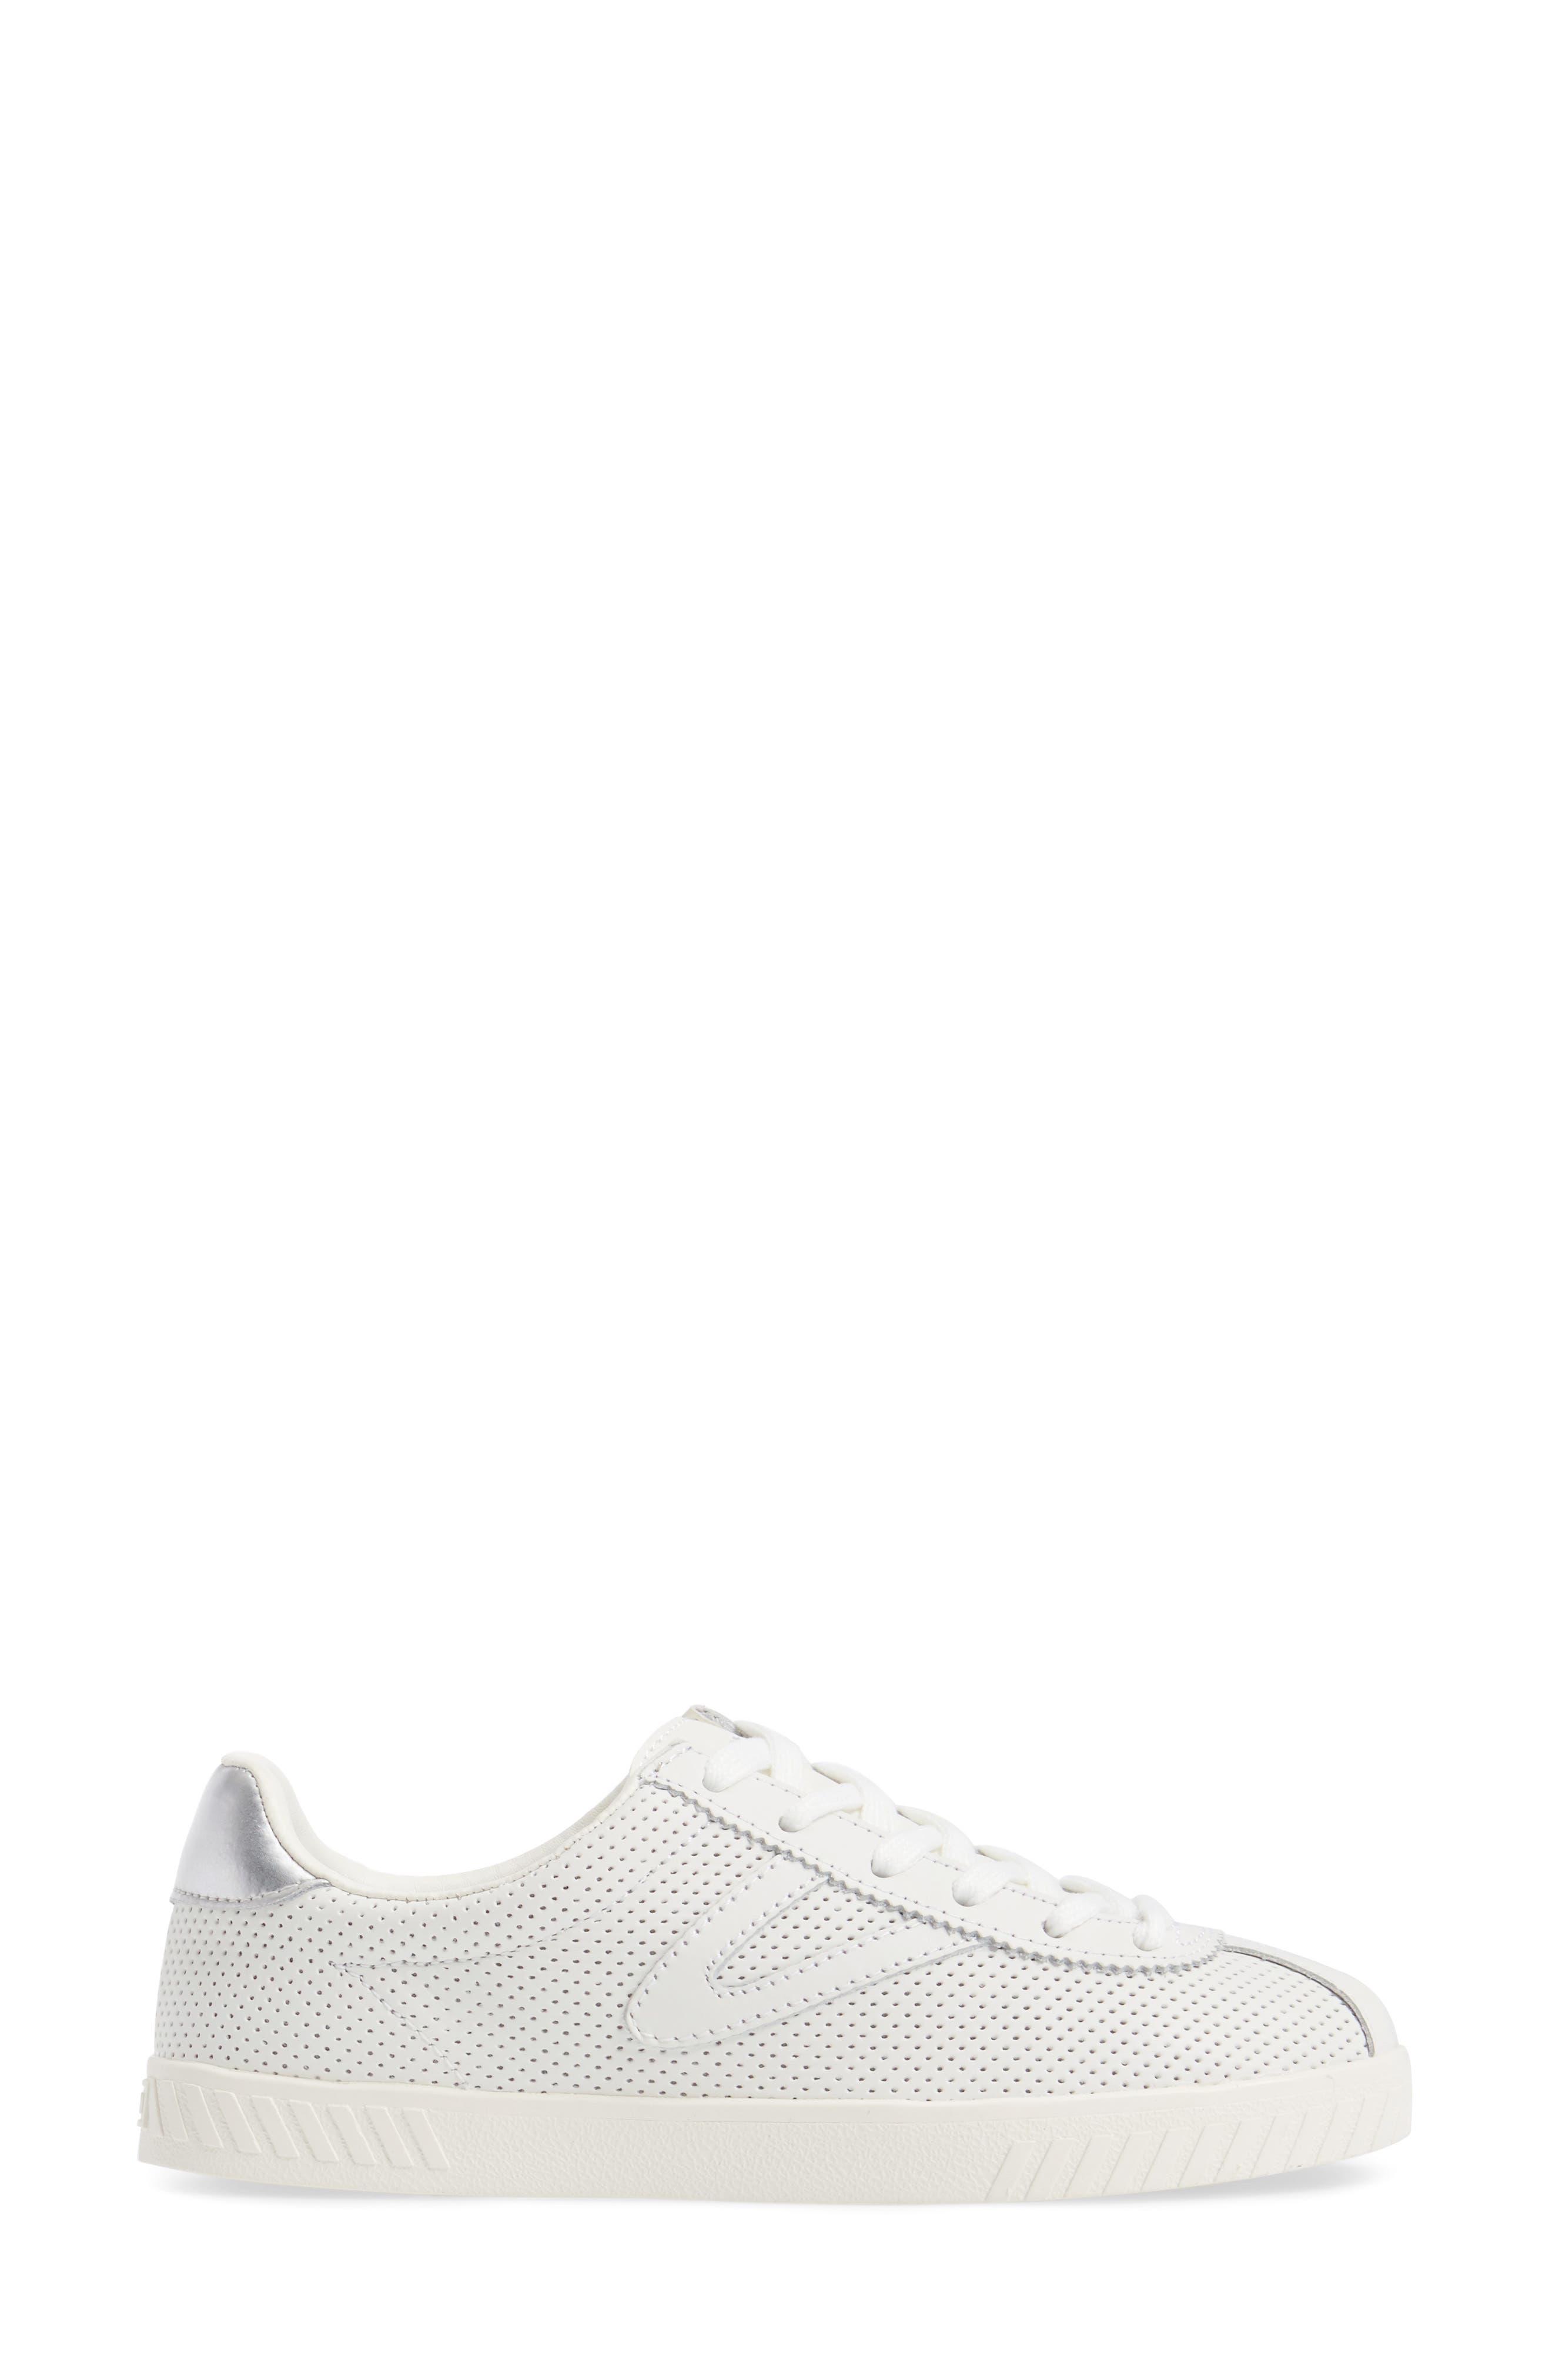 Camden 2 Sneaker,                             Alternate thumbnail 8, color,